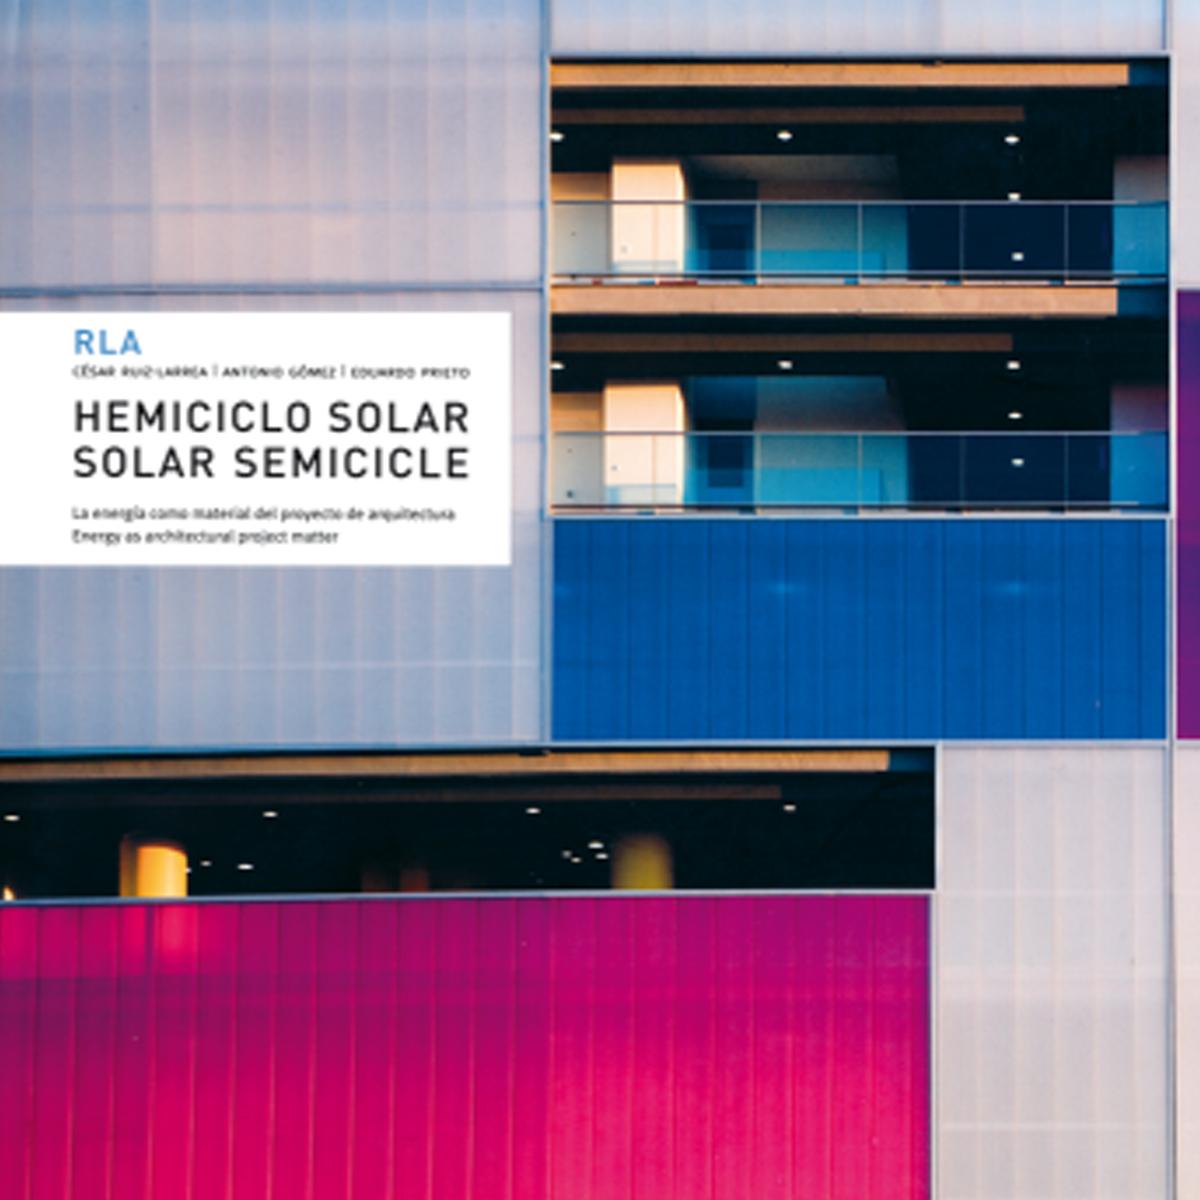 Hemiciclo Solar